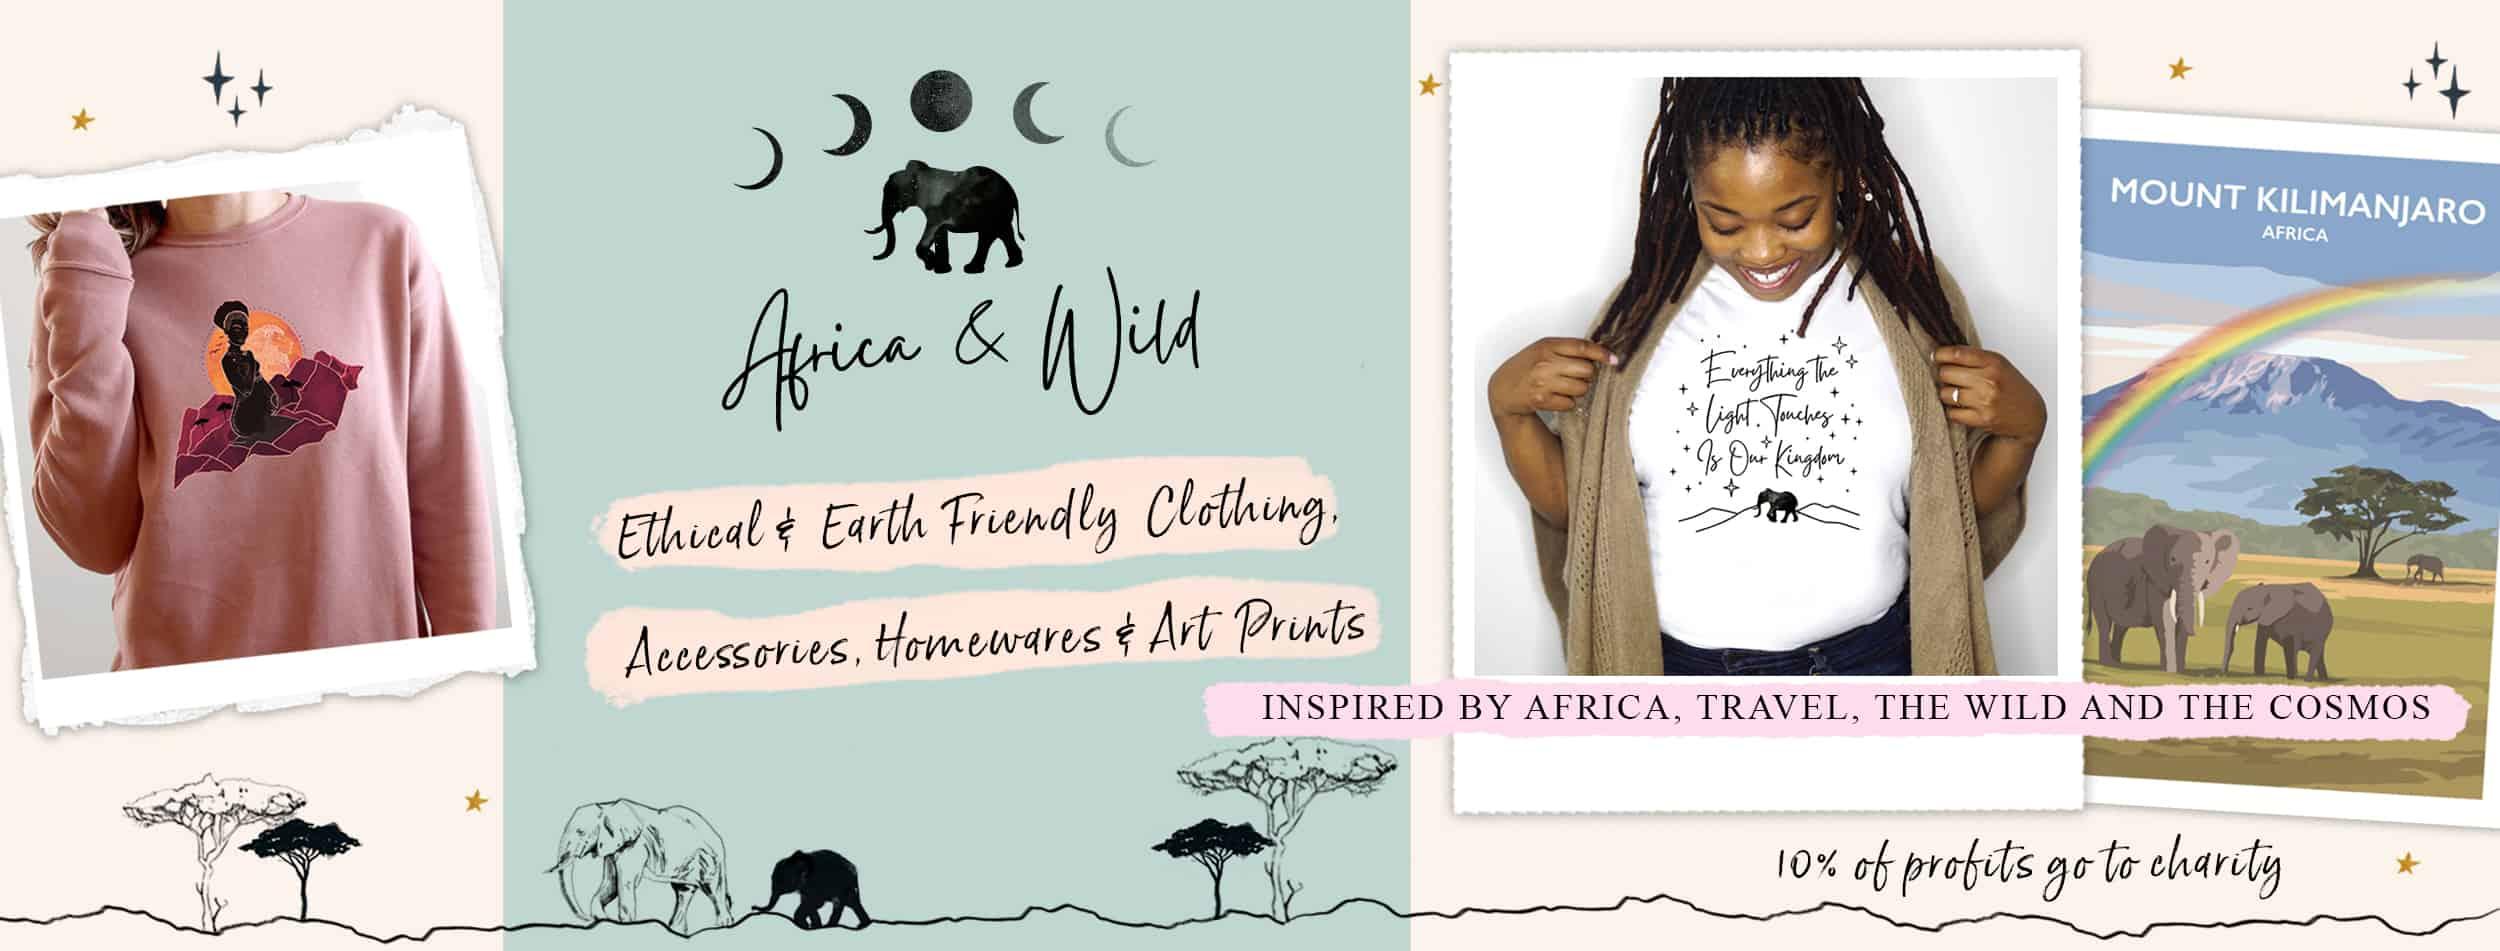 Africa & Wild